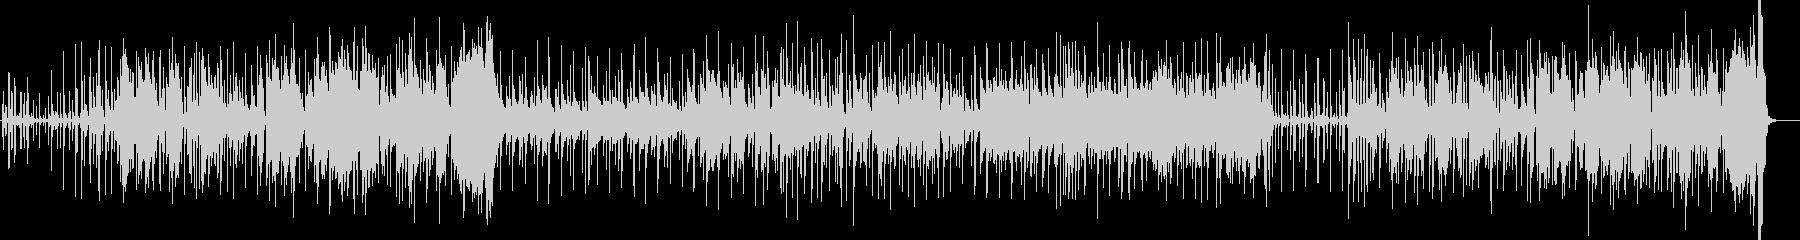 アバンギャルドなサックスのブルースの未再生の波形